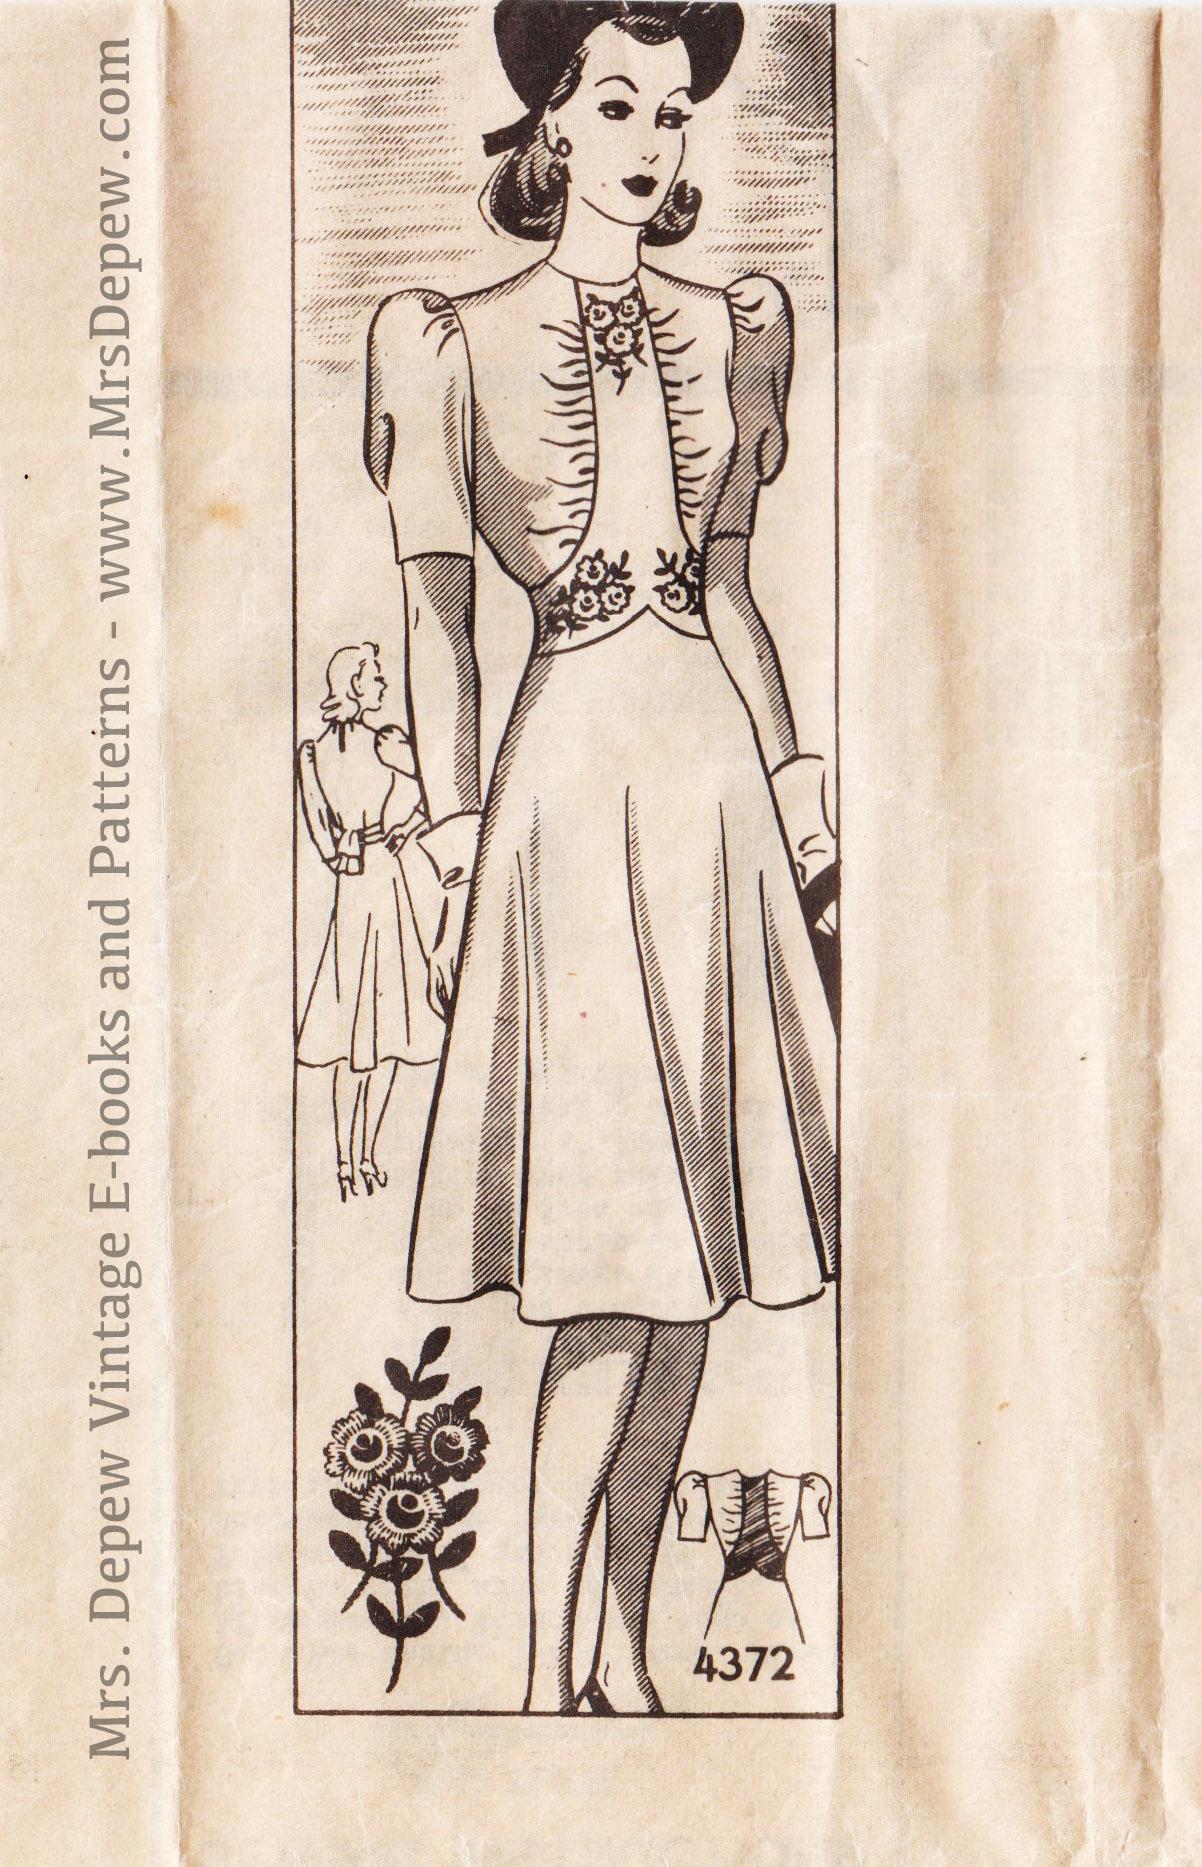 Anne Adams 4372 A